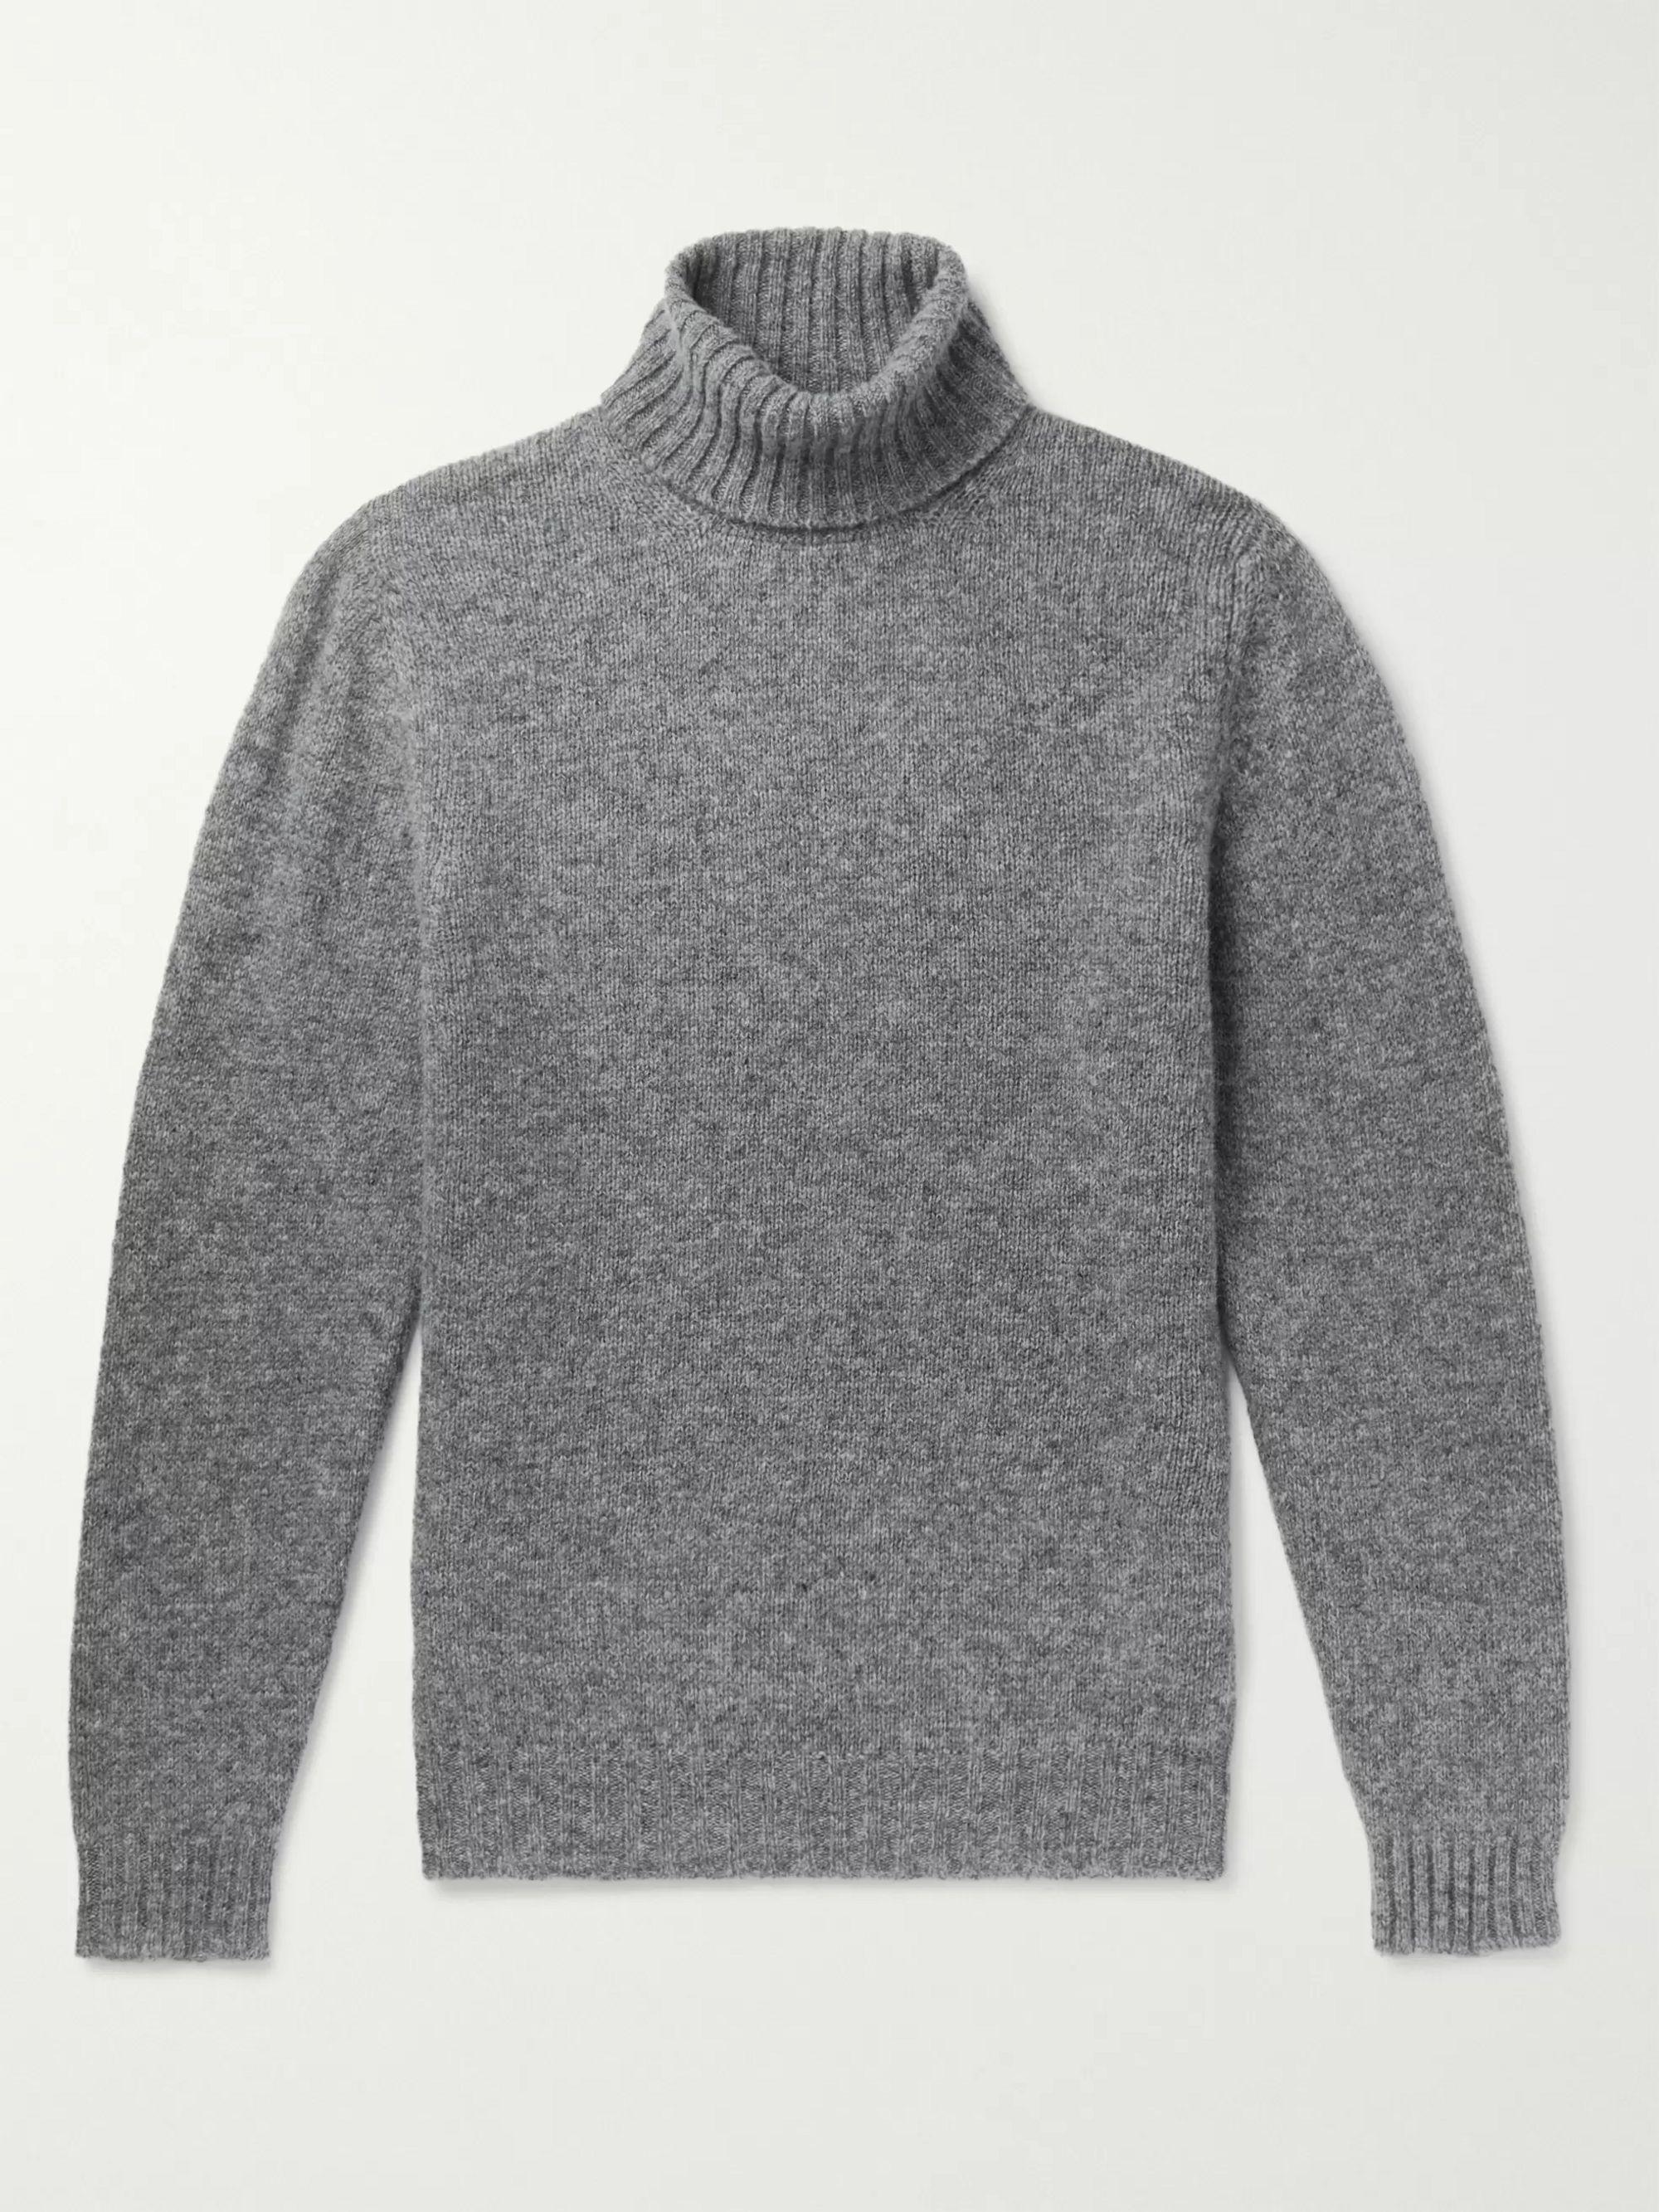 Mélange Shetland Wool Rollneck Sweater by Man 1924